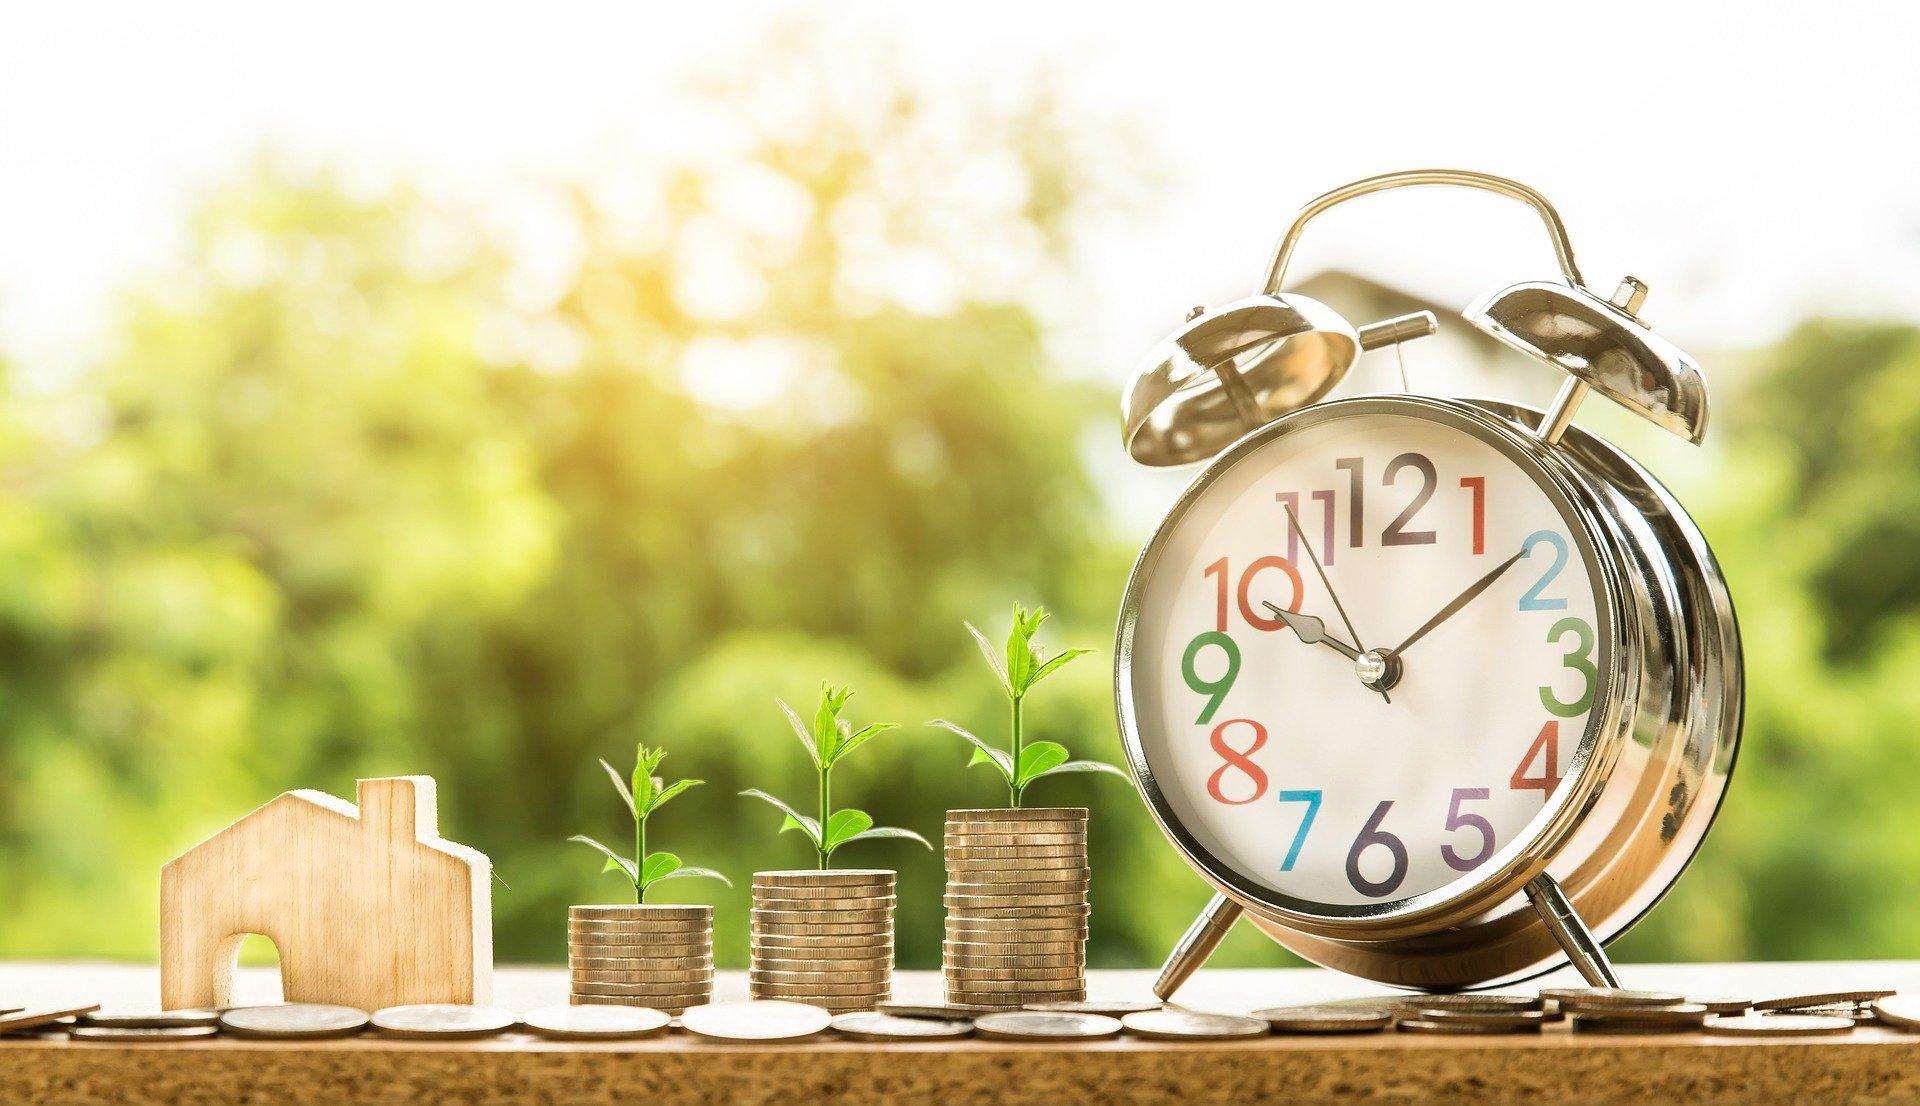 【利回りから仕組みまで】不動産クラウドファンディングおすすめ比較6選【初心者でも少額投資】